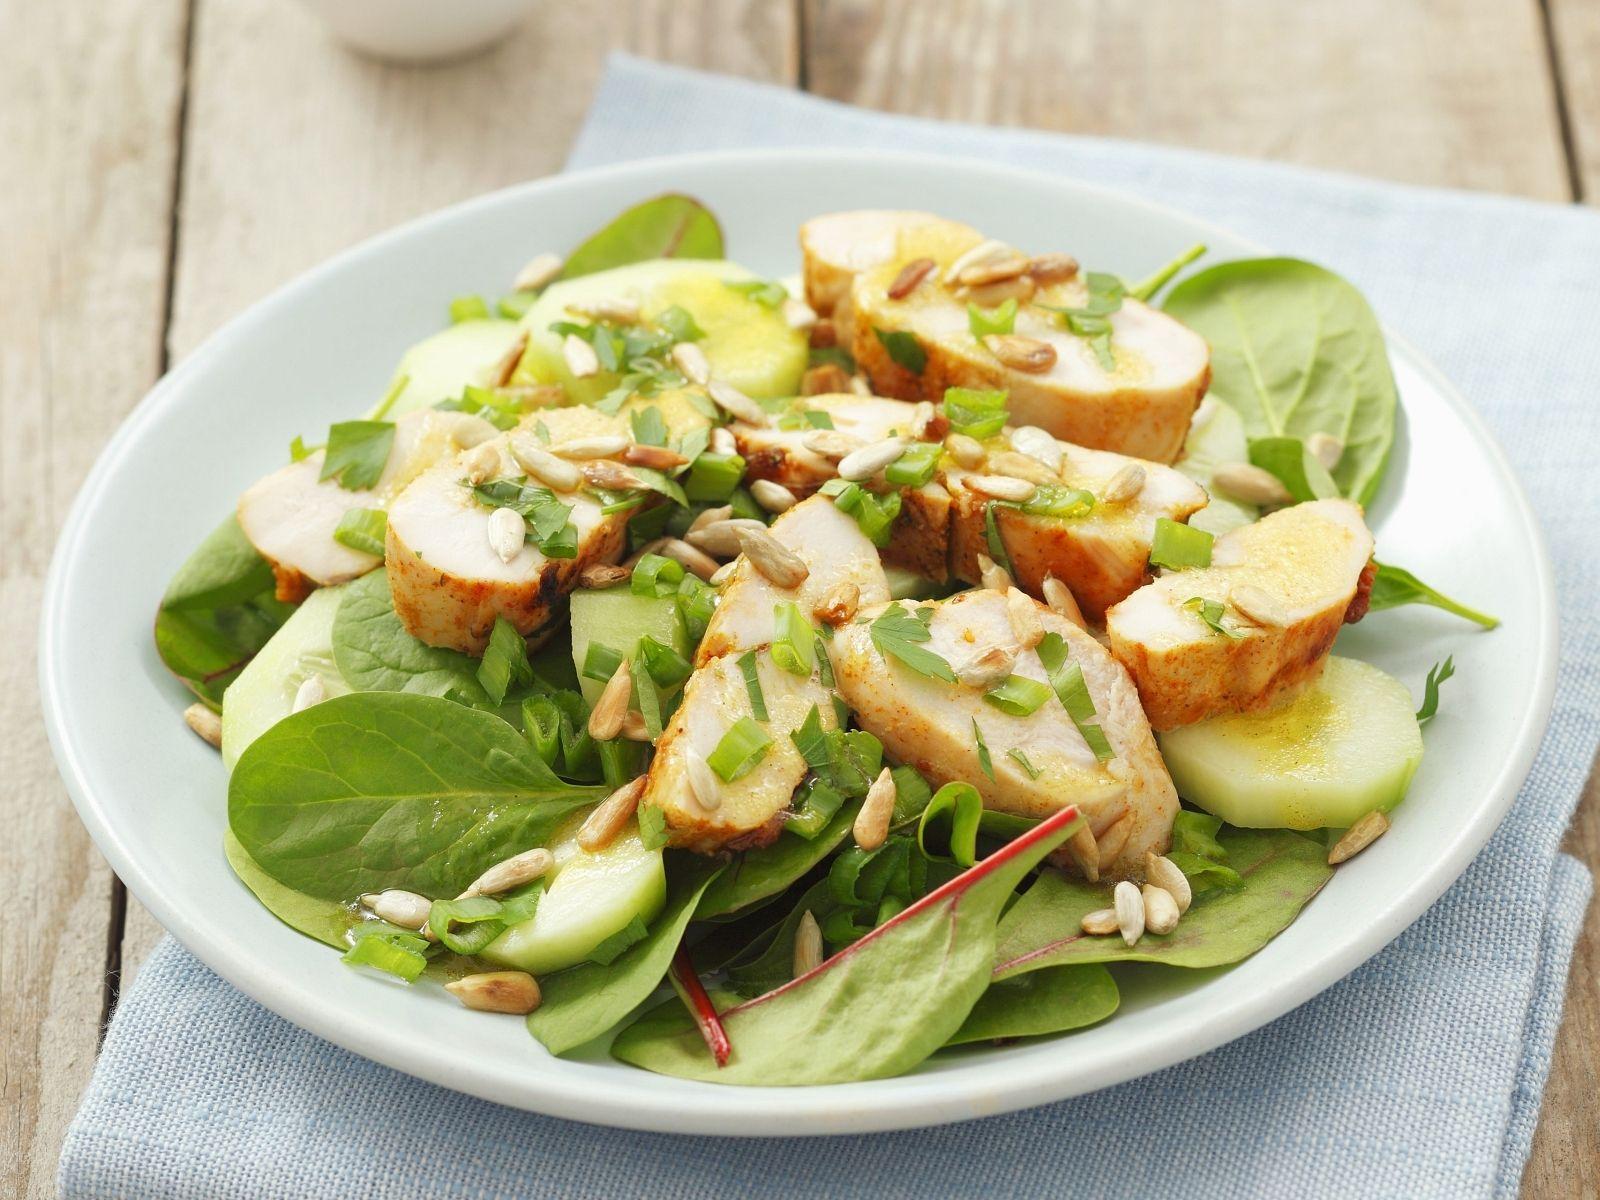 Salat fur hahnchen